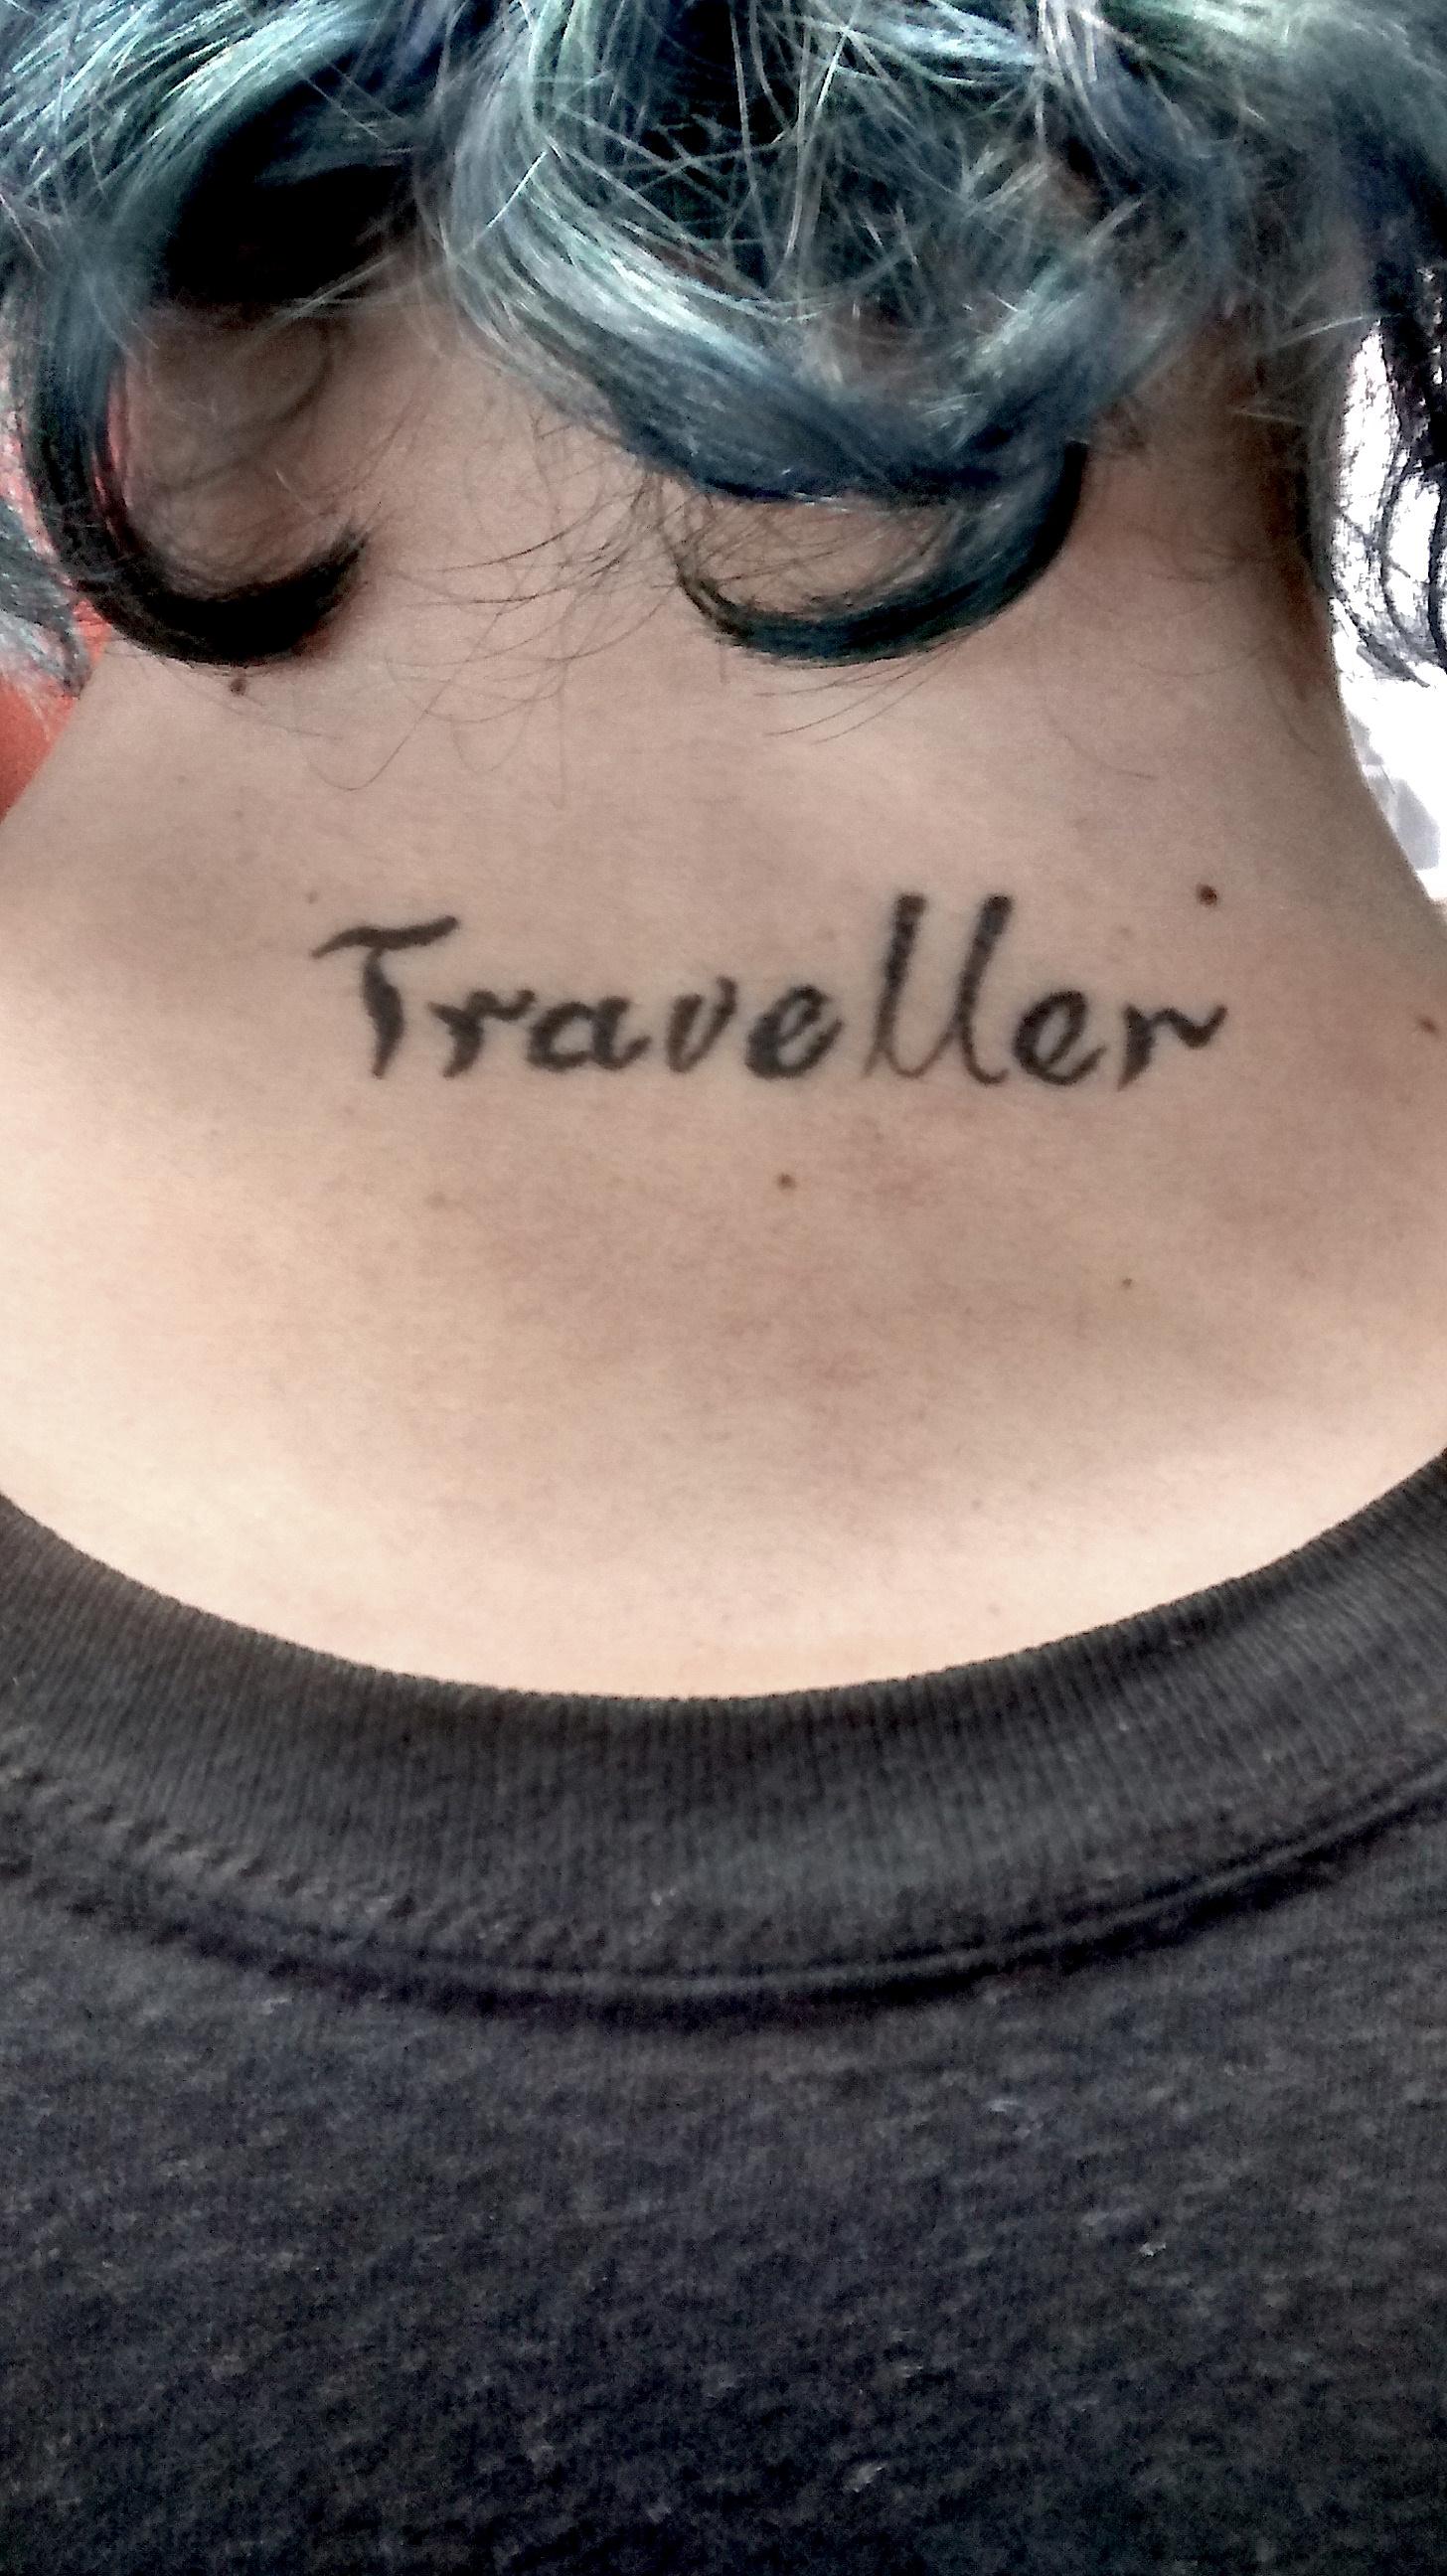 les punks et le tatouages